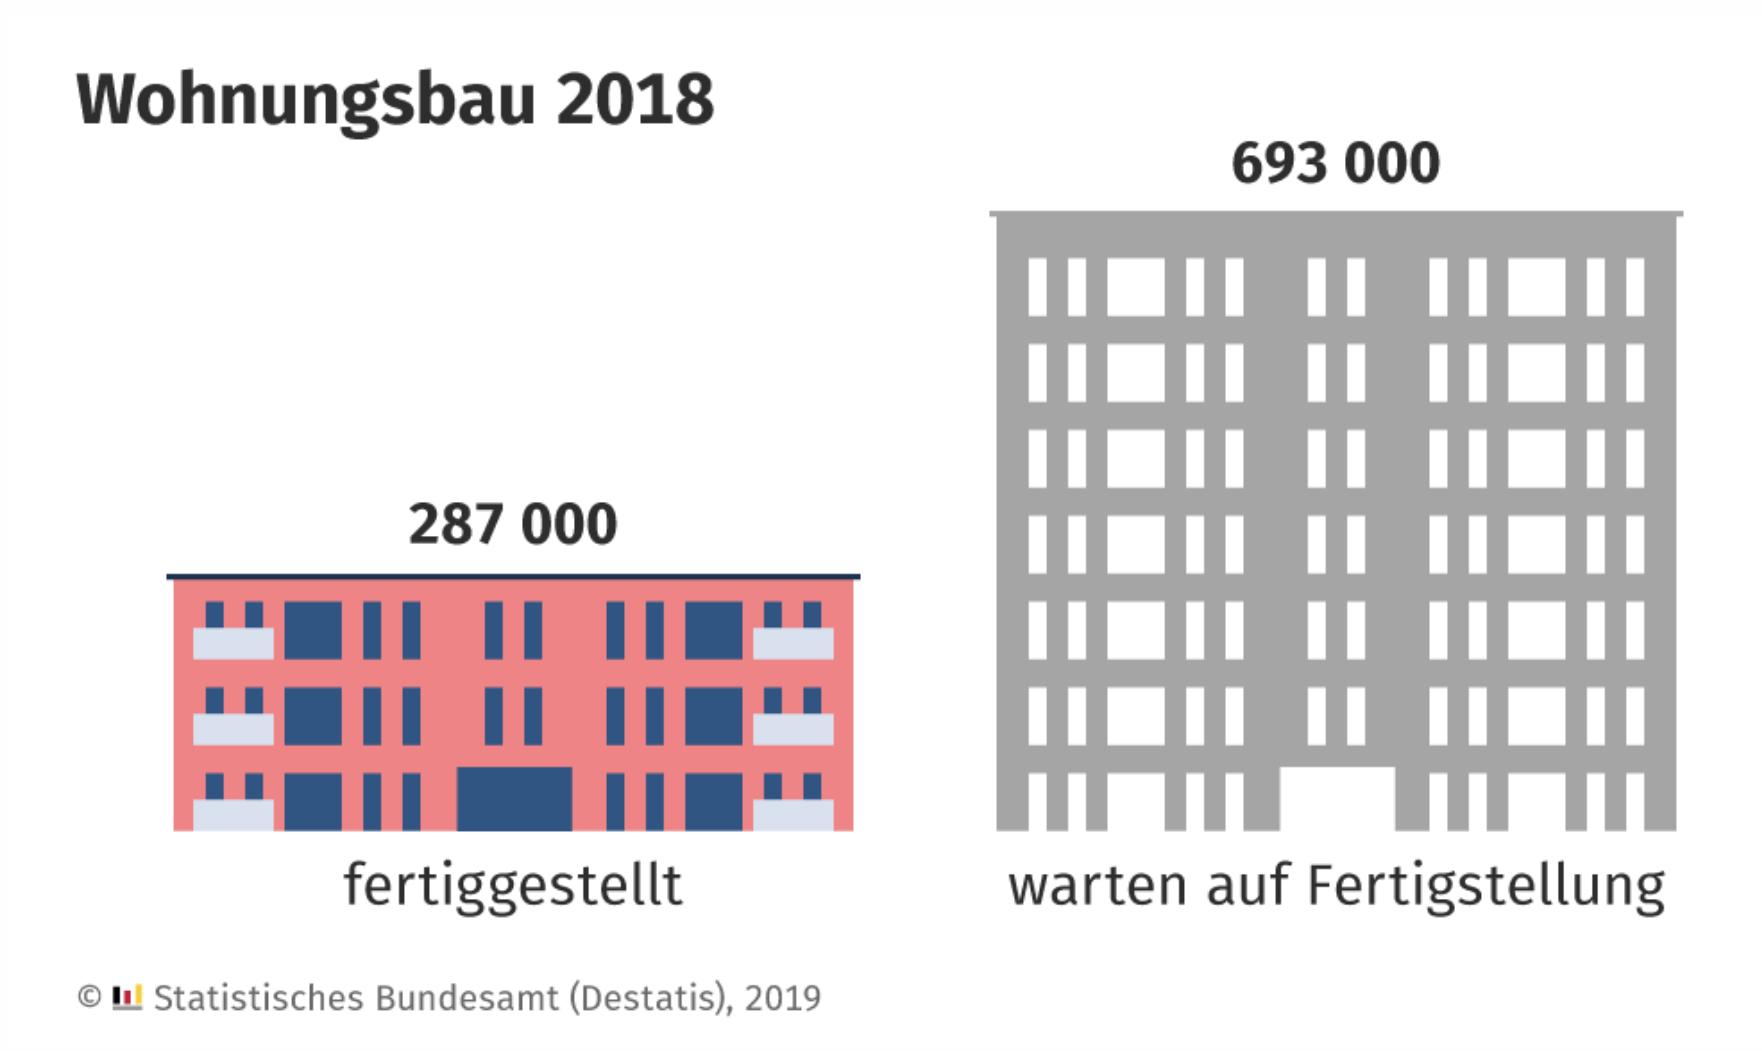 Grafik zum Wohnungsbau in Deutschland